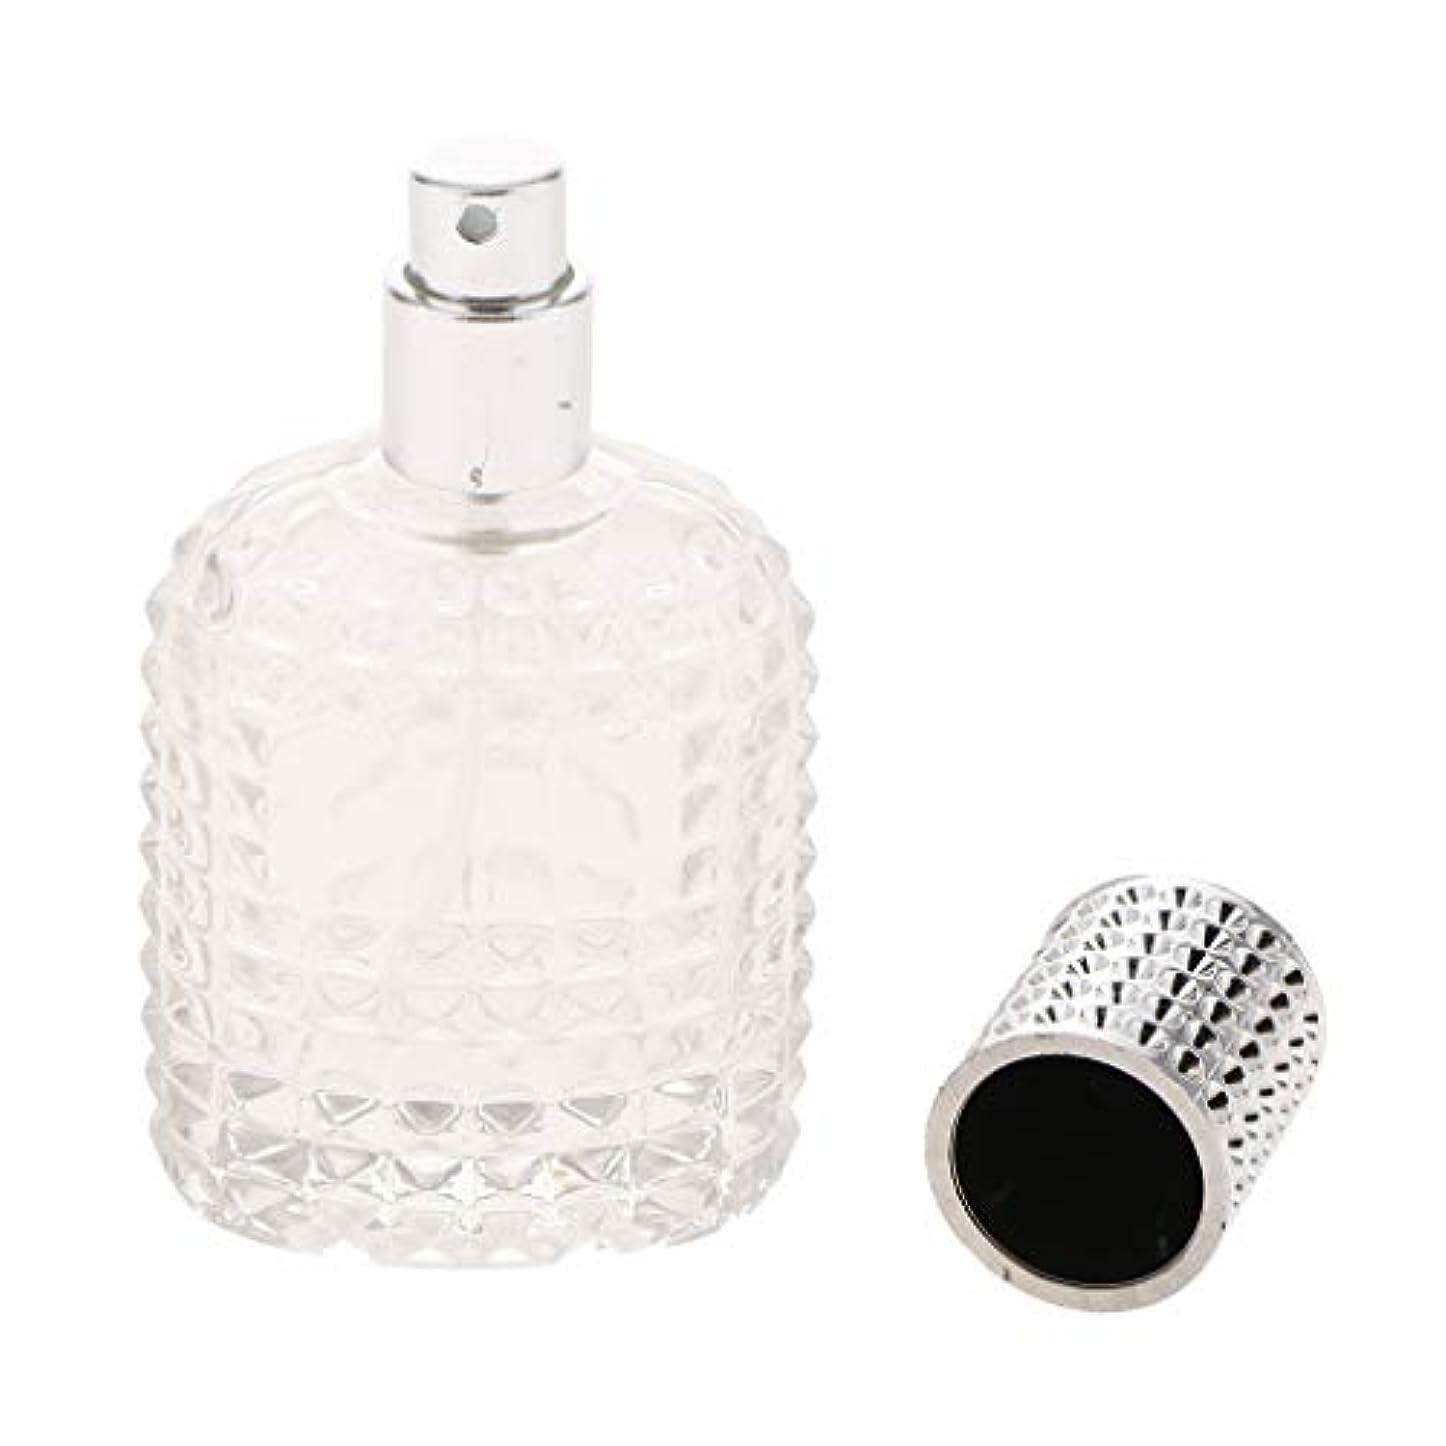 パネルその放棄空 ガラス 香水瓶 スプレー香水ボトル 美しいパイナップルデザイン 詰め替え可能 再利用可能 全4種 - シルバー50ml